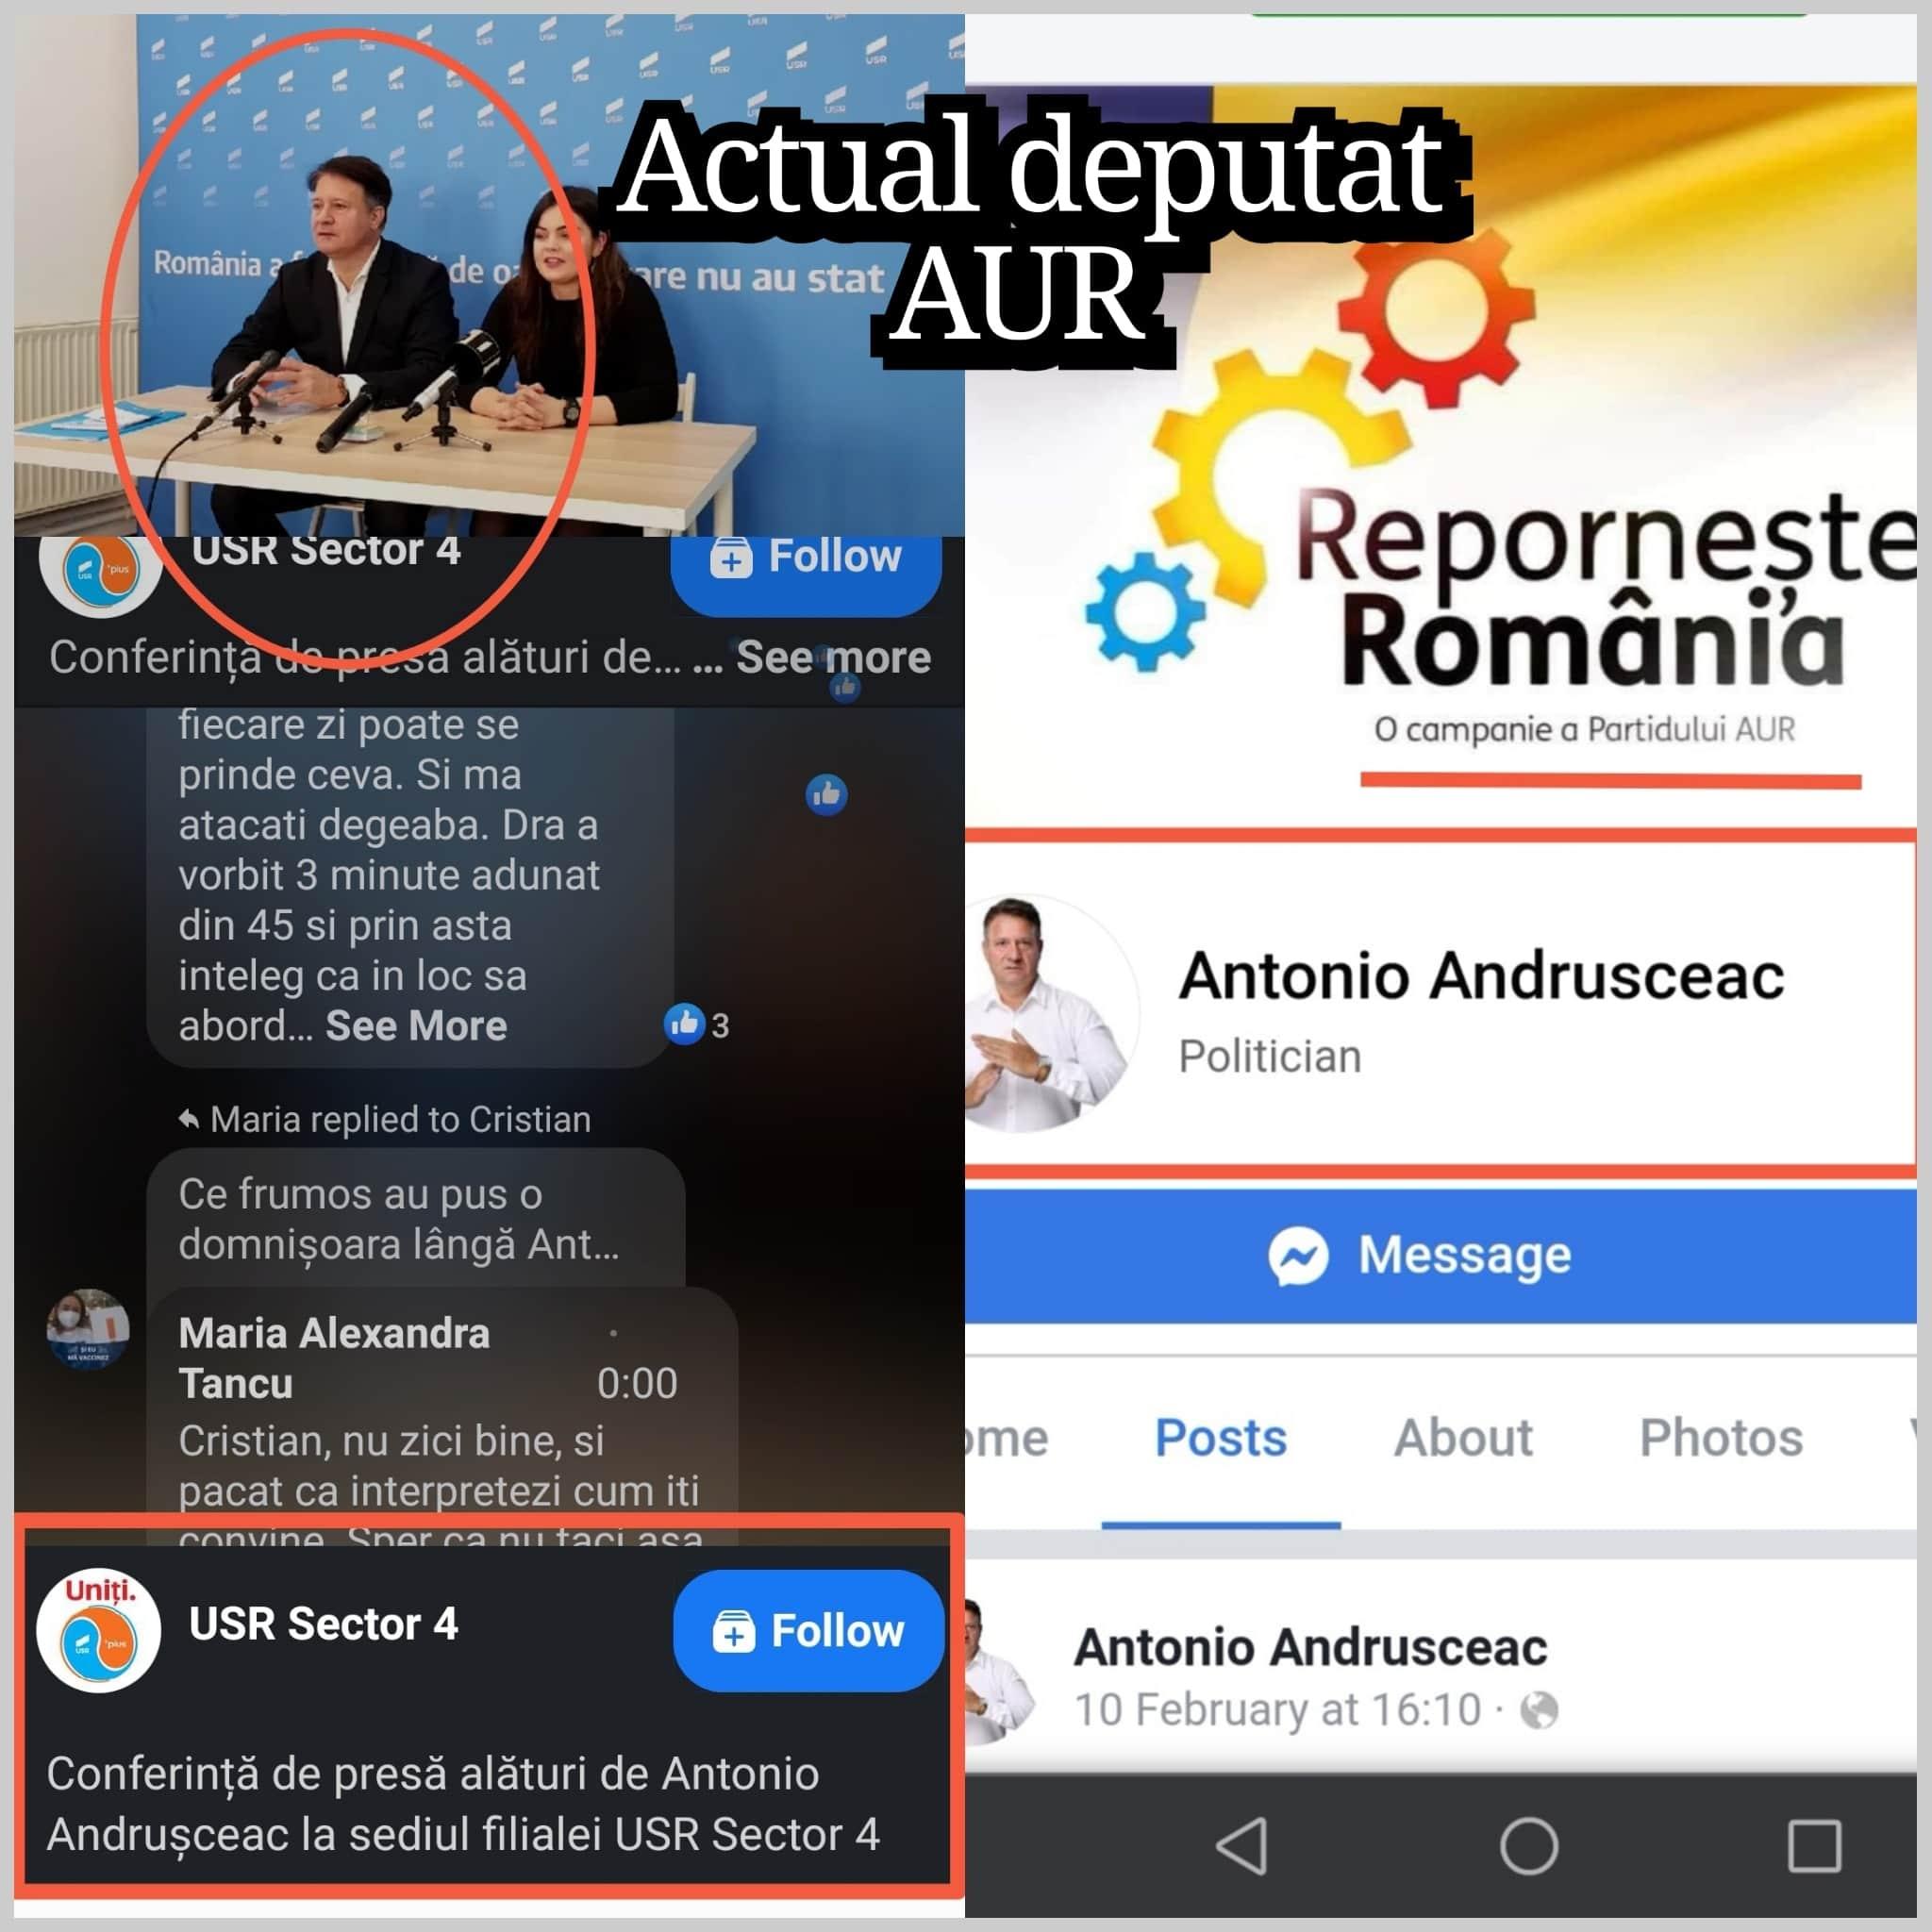 antonio andrusceac